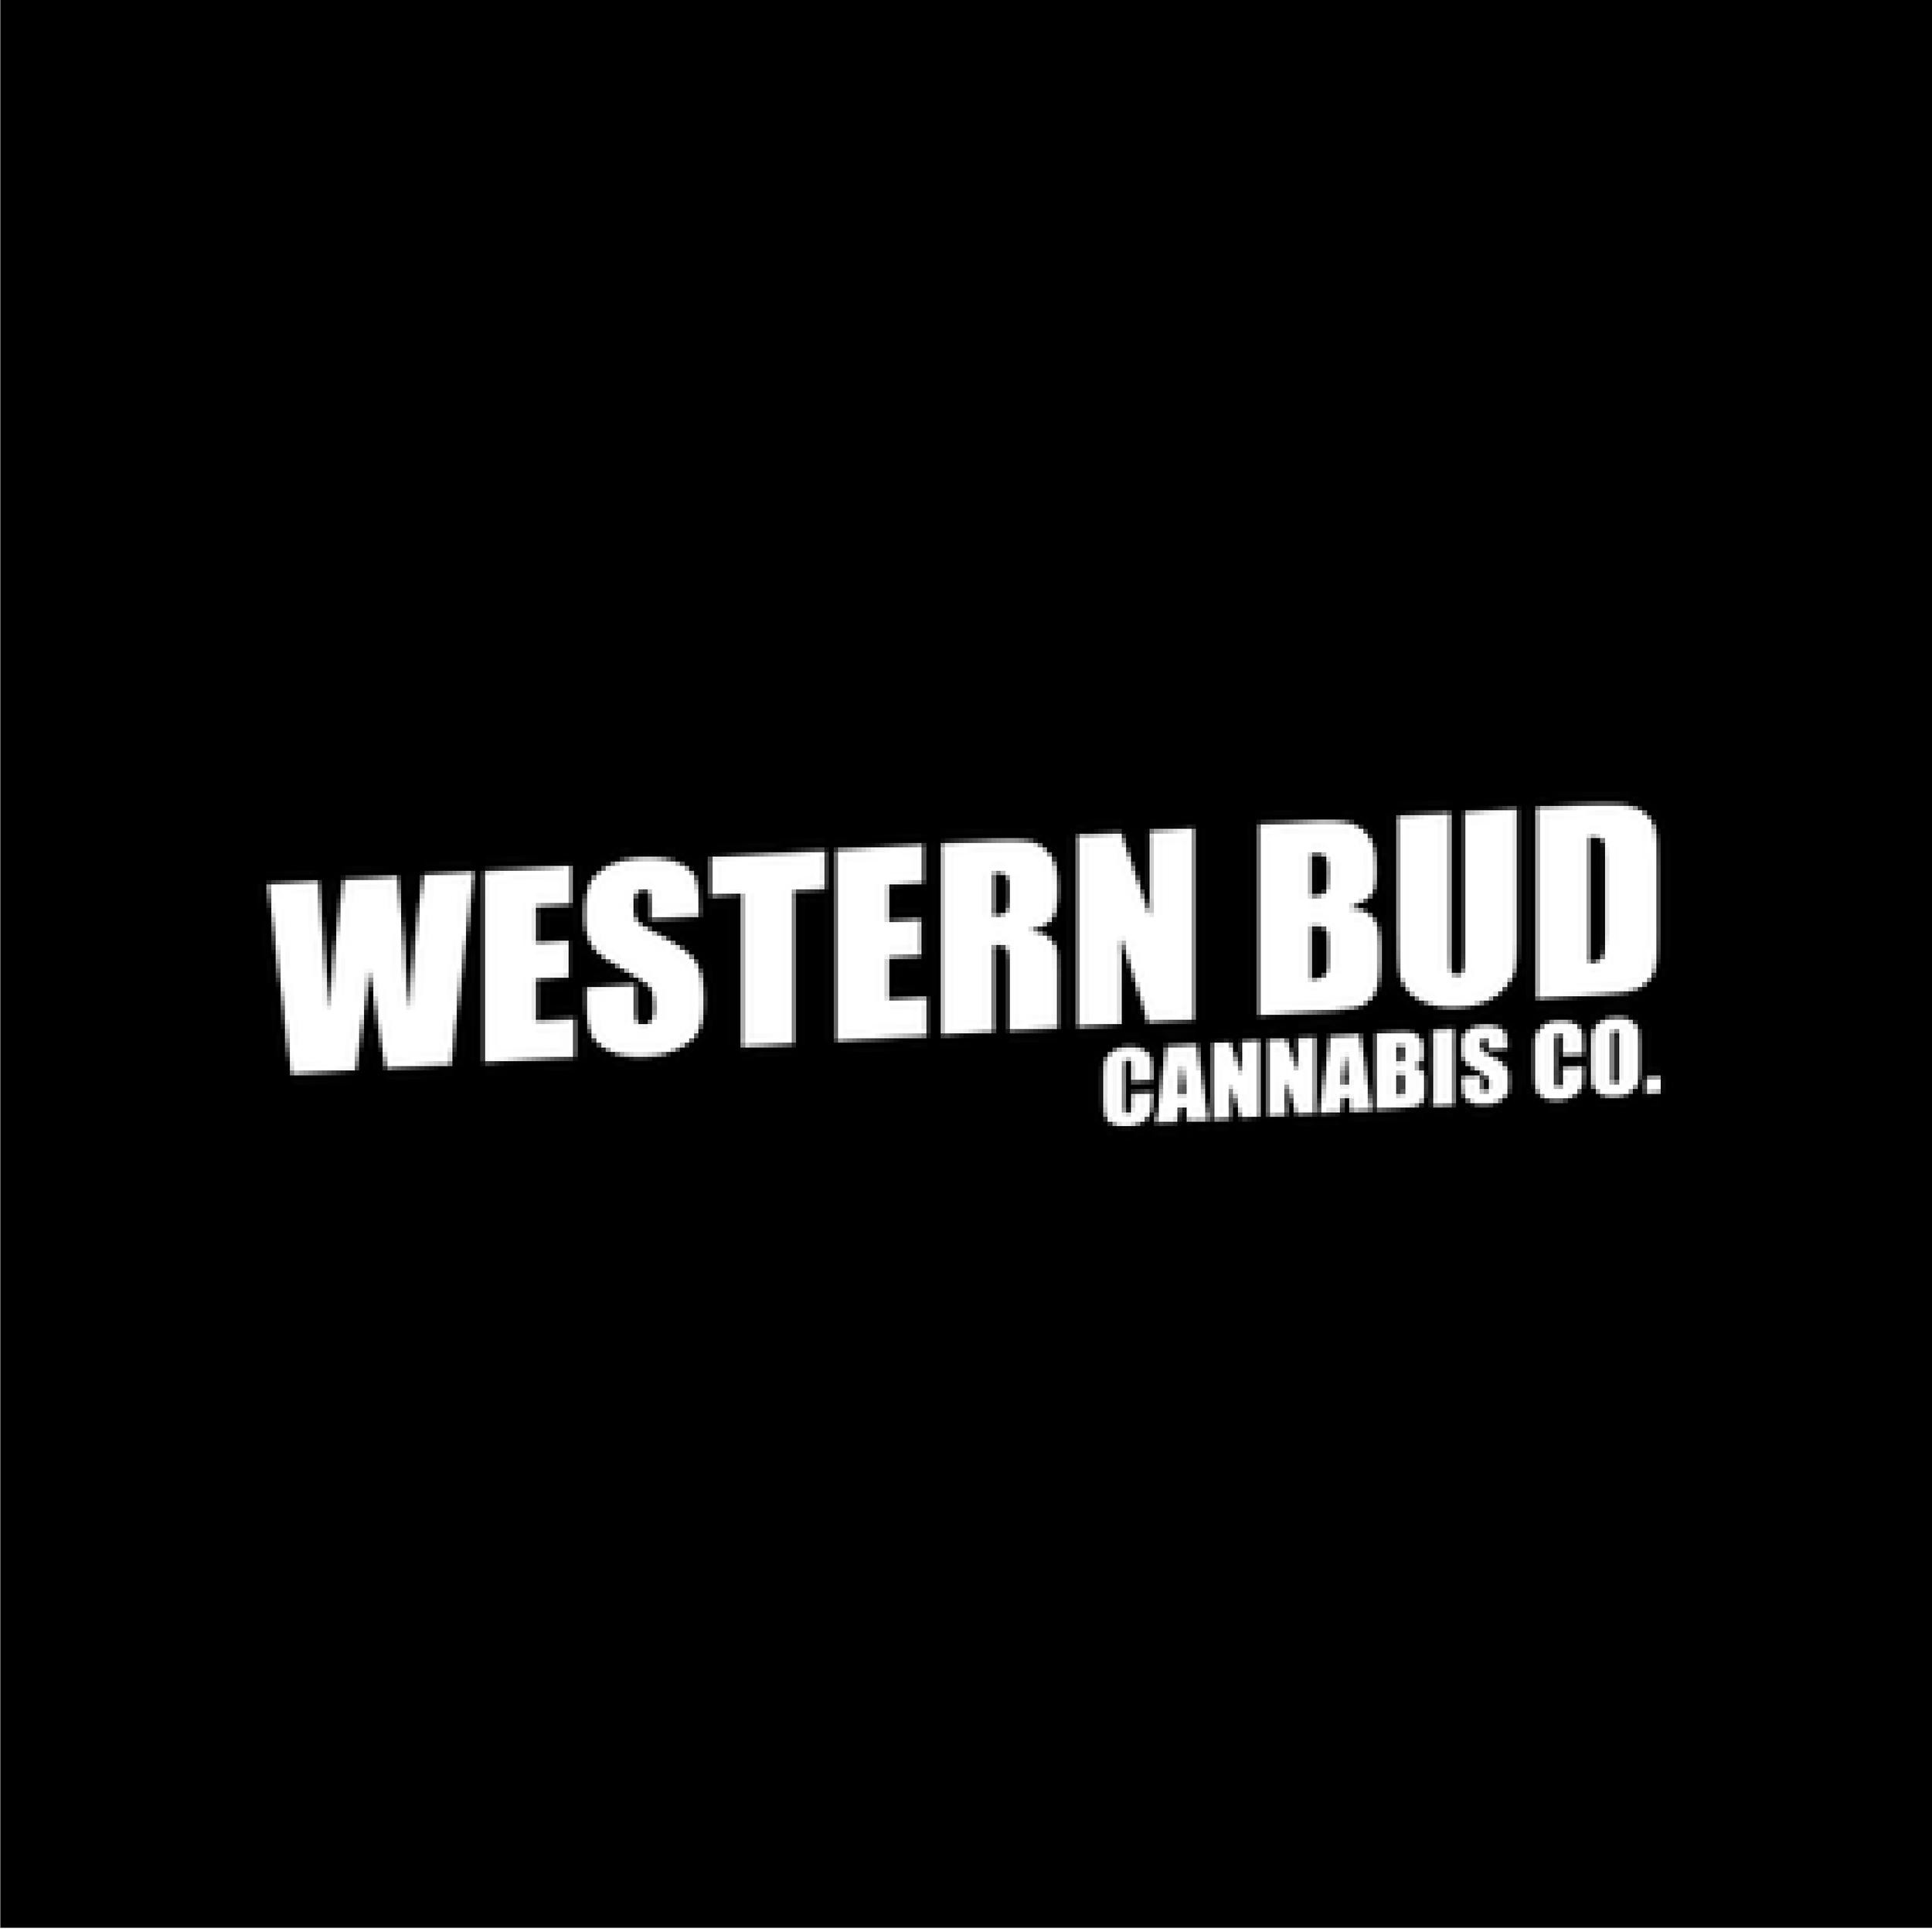 Western Bud-01.png